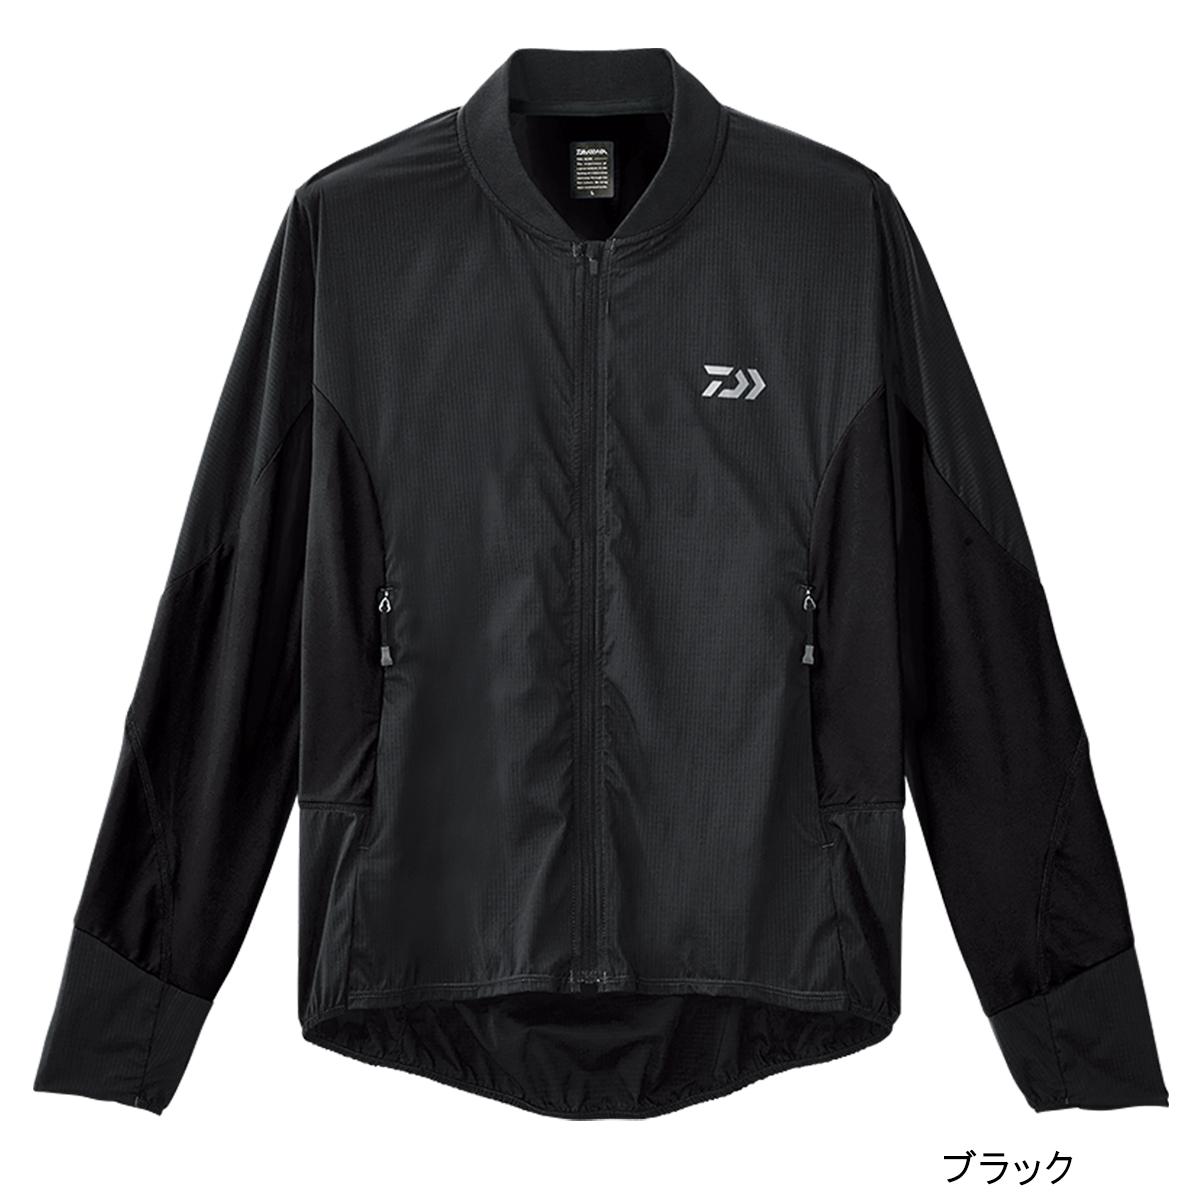 ダイワ ストレッチハイブリッドジャケット DJ-35008 M ブラック